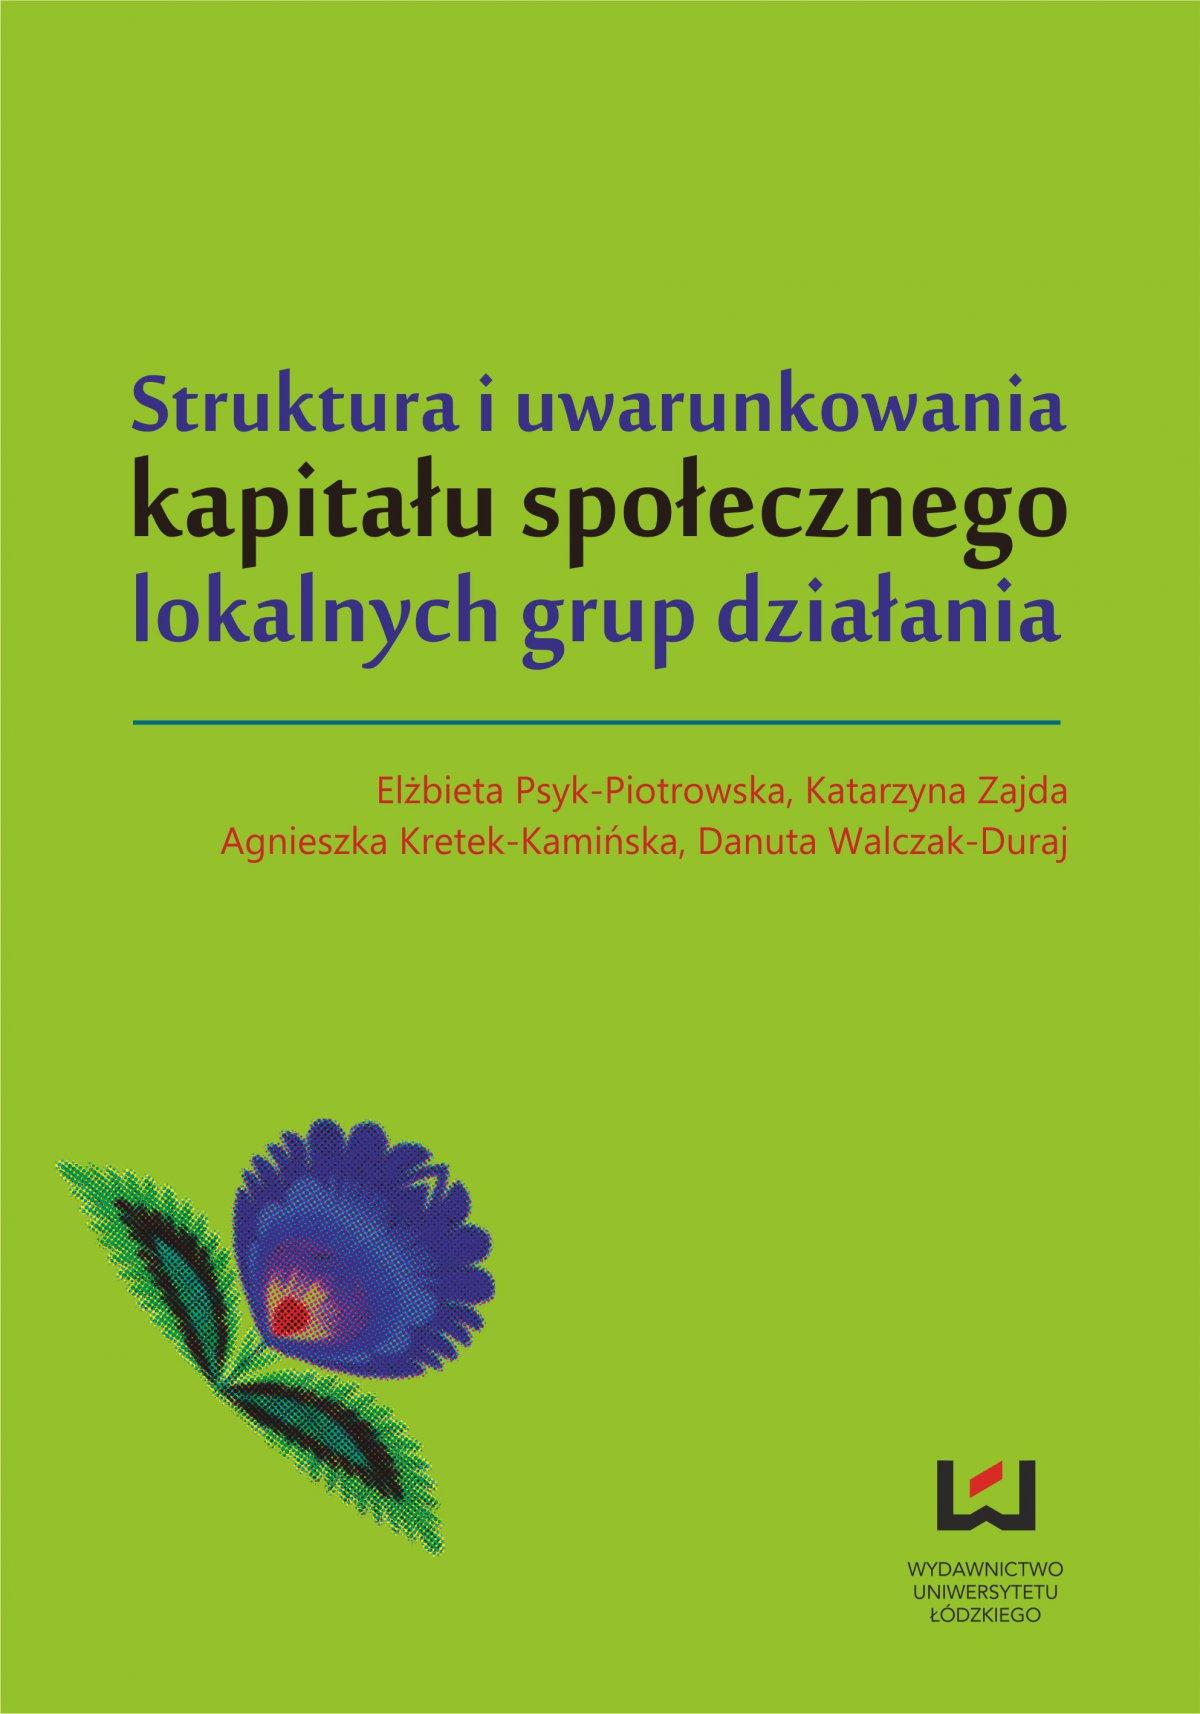 Struktura i uwarunkowania kapitału społecznego lokalnych grup działania - Ebook (Książka PDF) do pobrania w formacie PDF